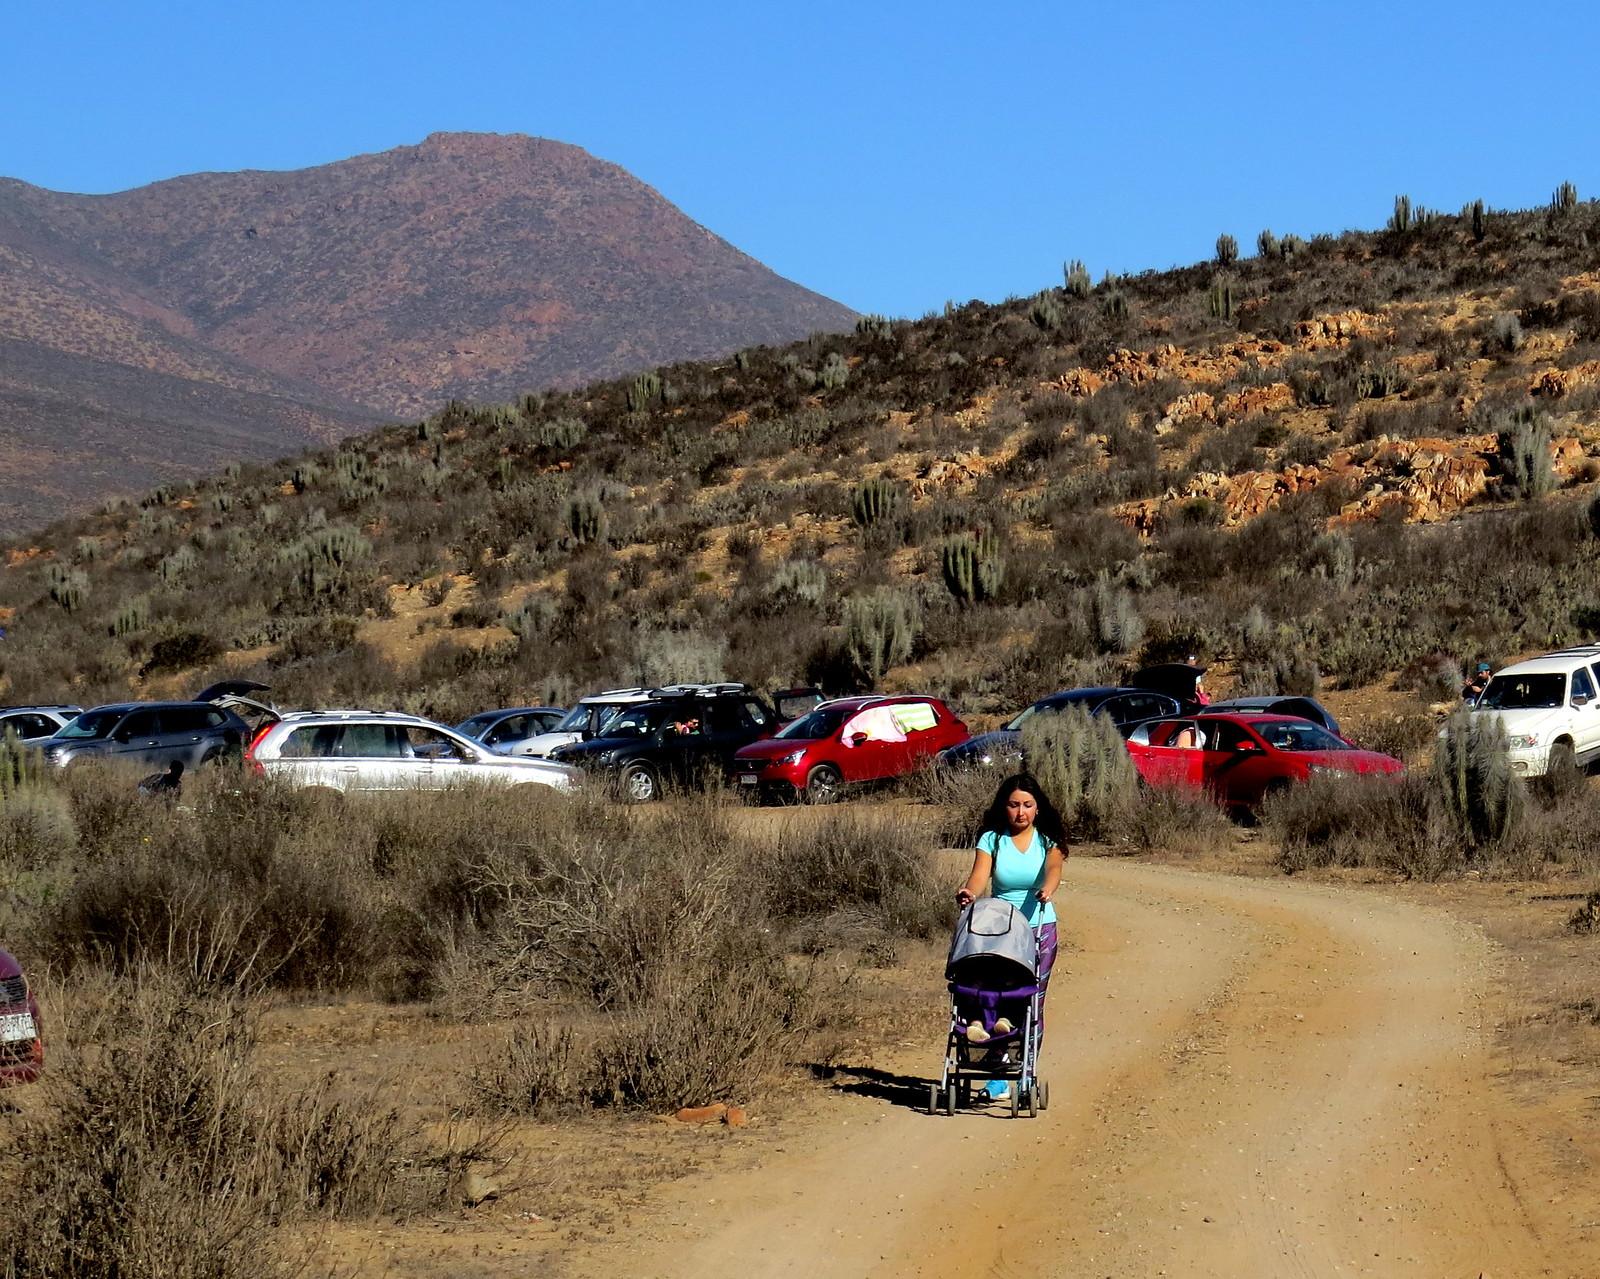 Stroller in the desert